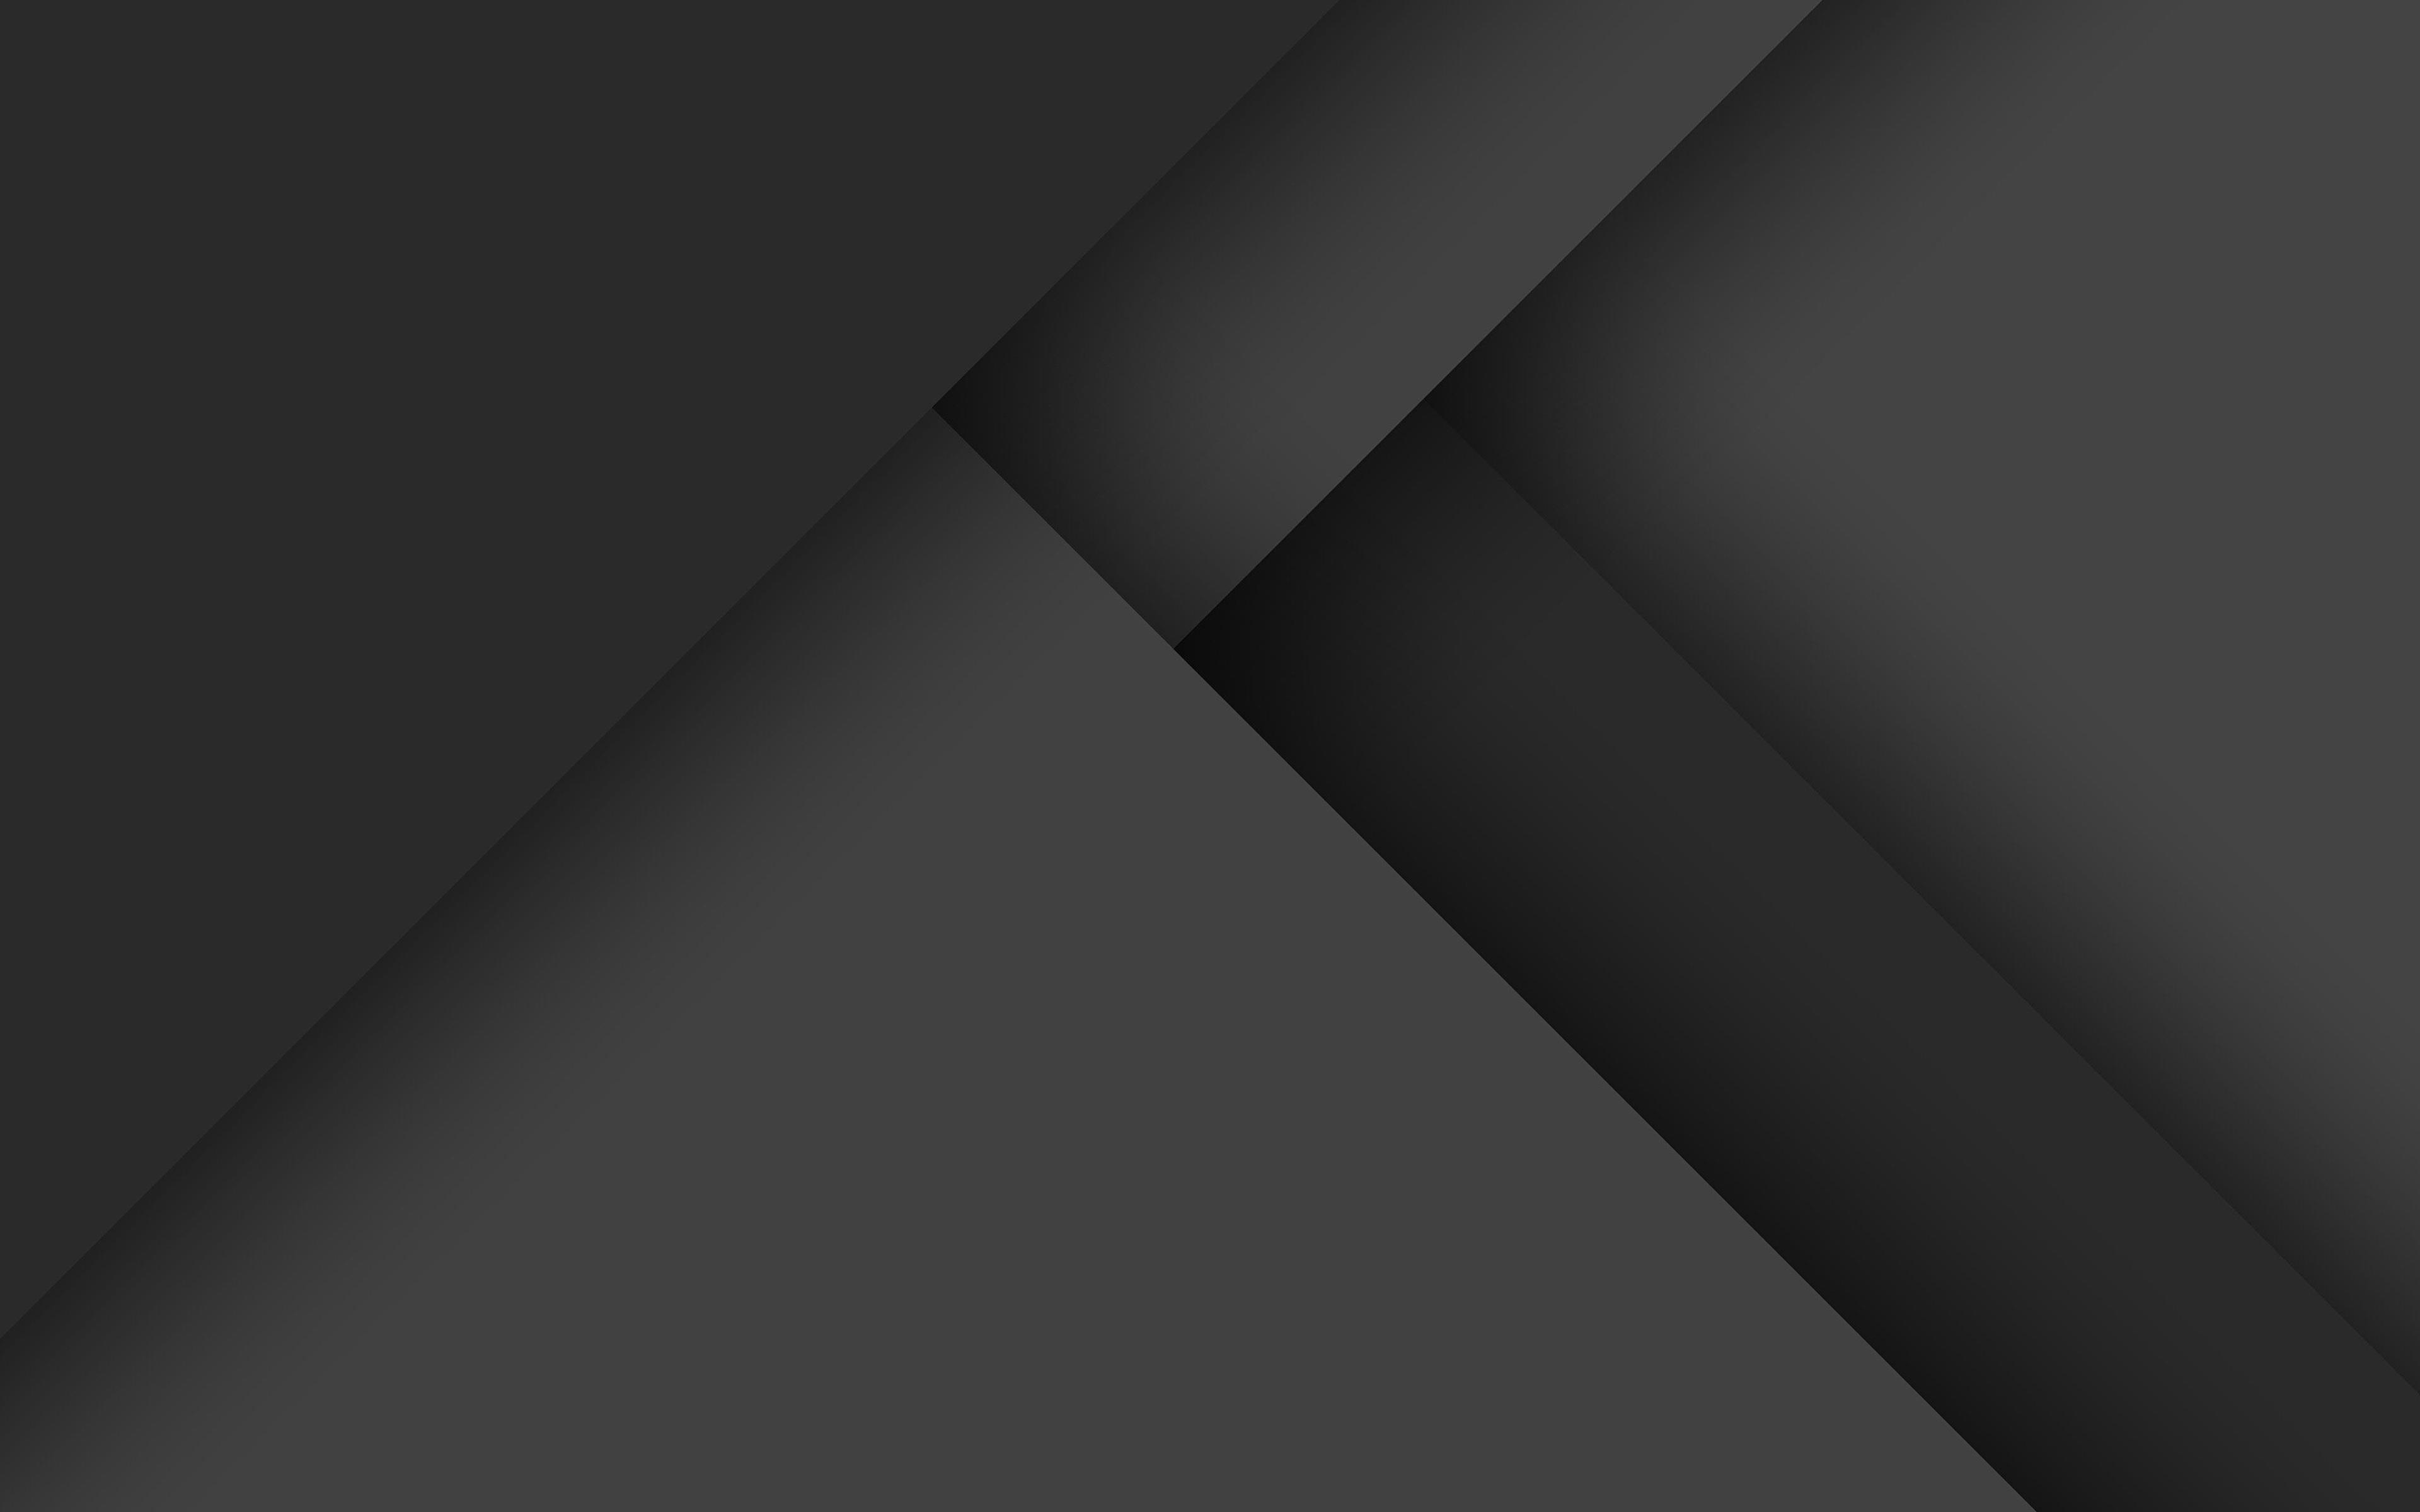 grey-material-design-4k-7l.jpg